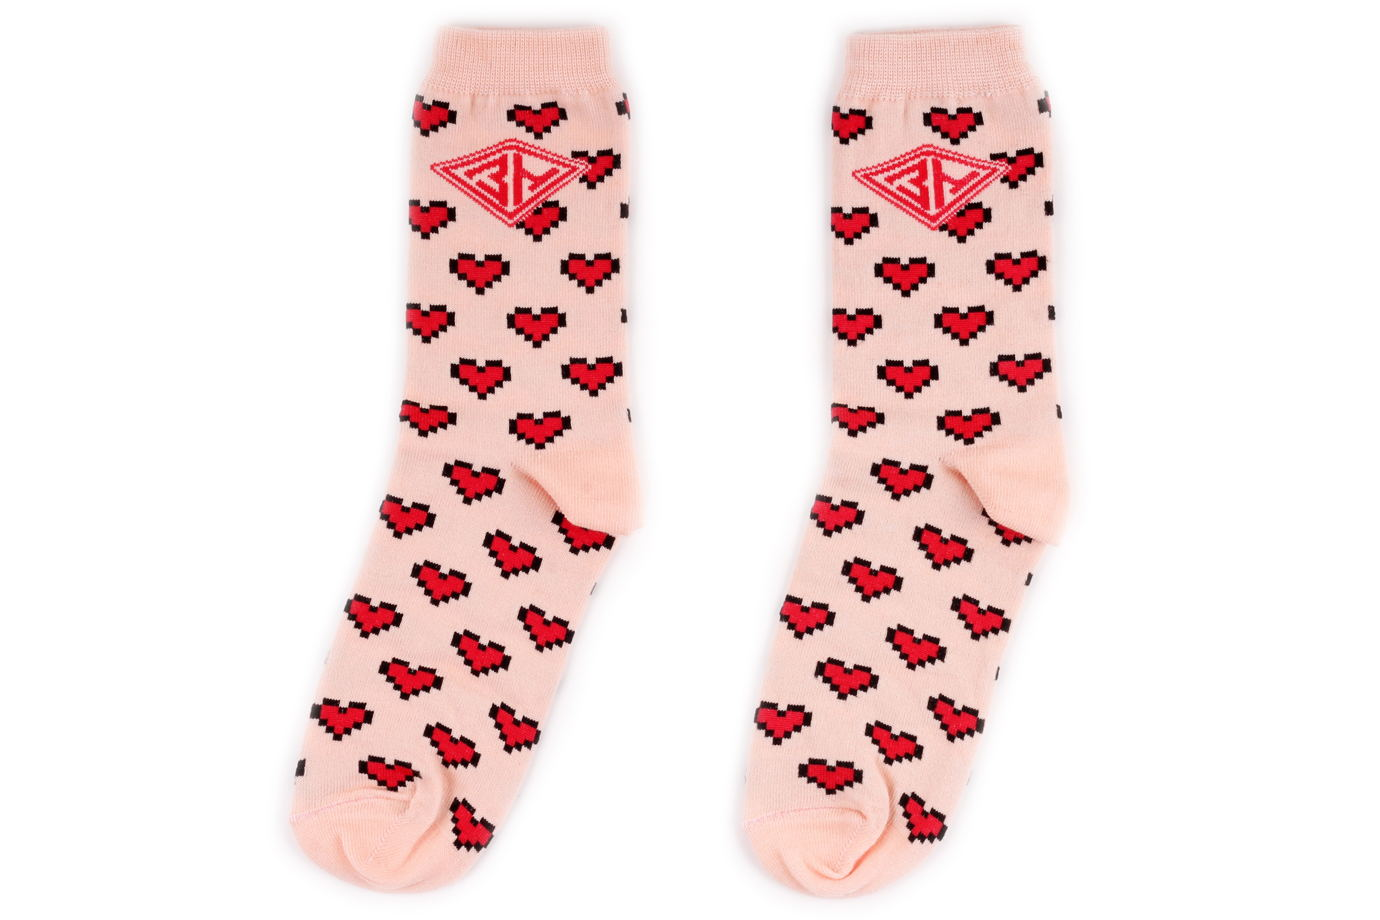 Носки Запорожец - набор из 3-пар женских носочков в коробочке